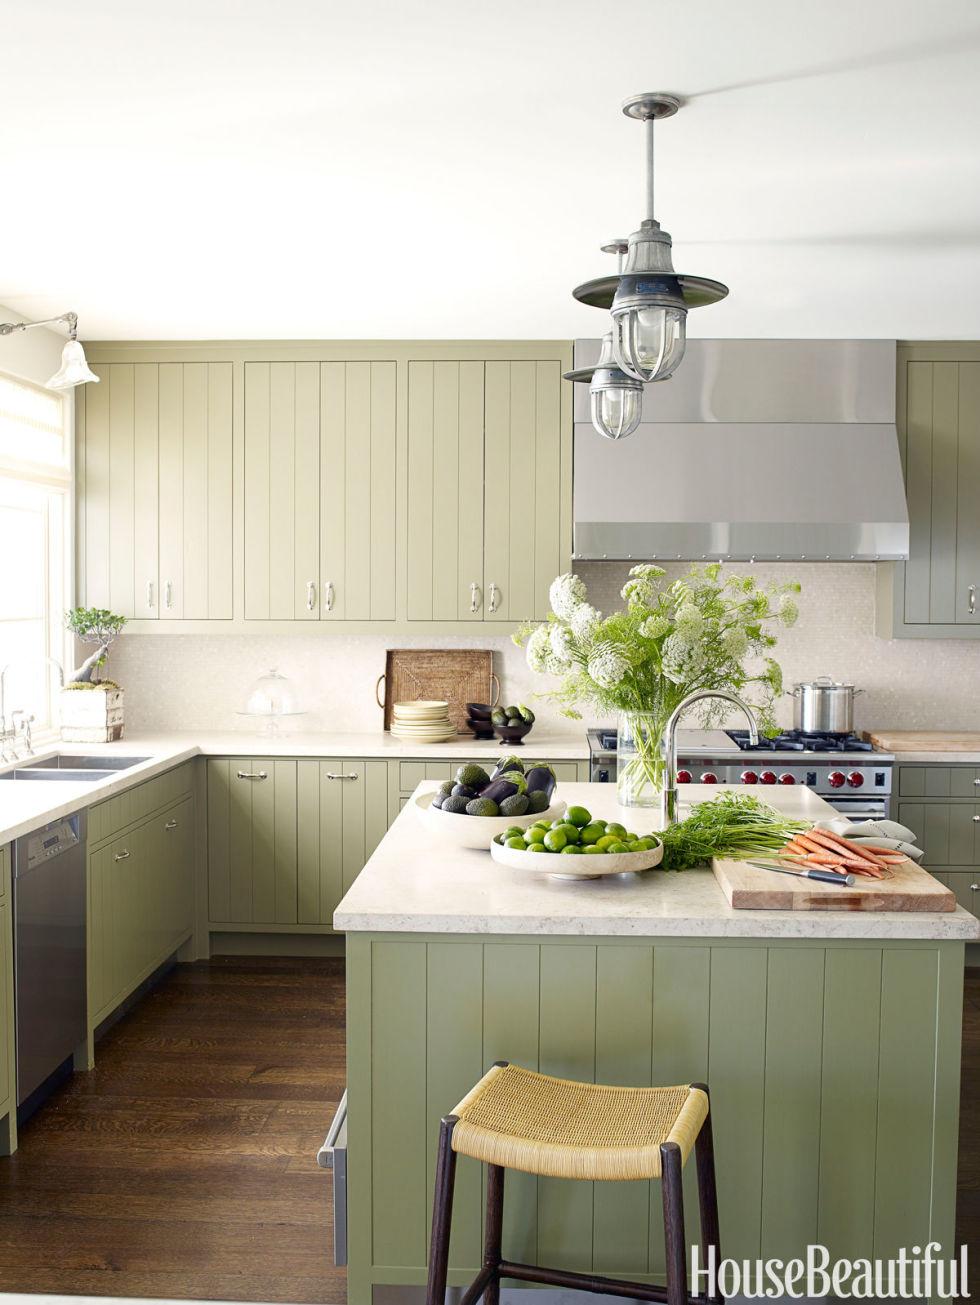 Stylish Ways To Add Kitchen Style Kitchen Interior Design Ideas That Add Organization